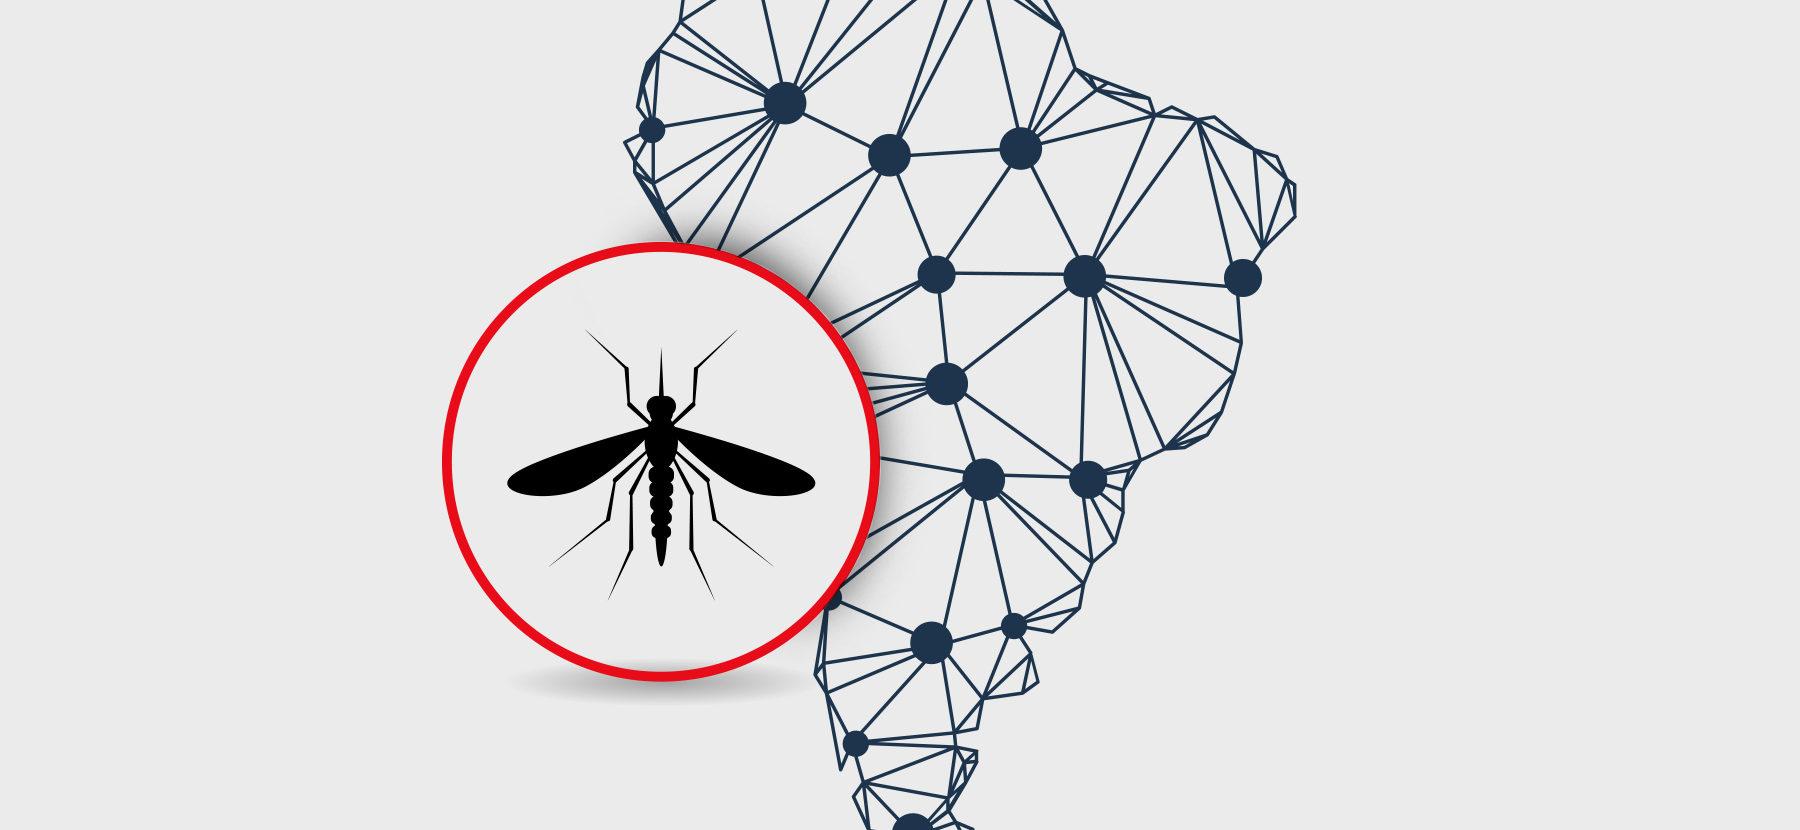 Aquecimento global aumenta de casos de dengue América Latina